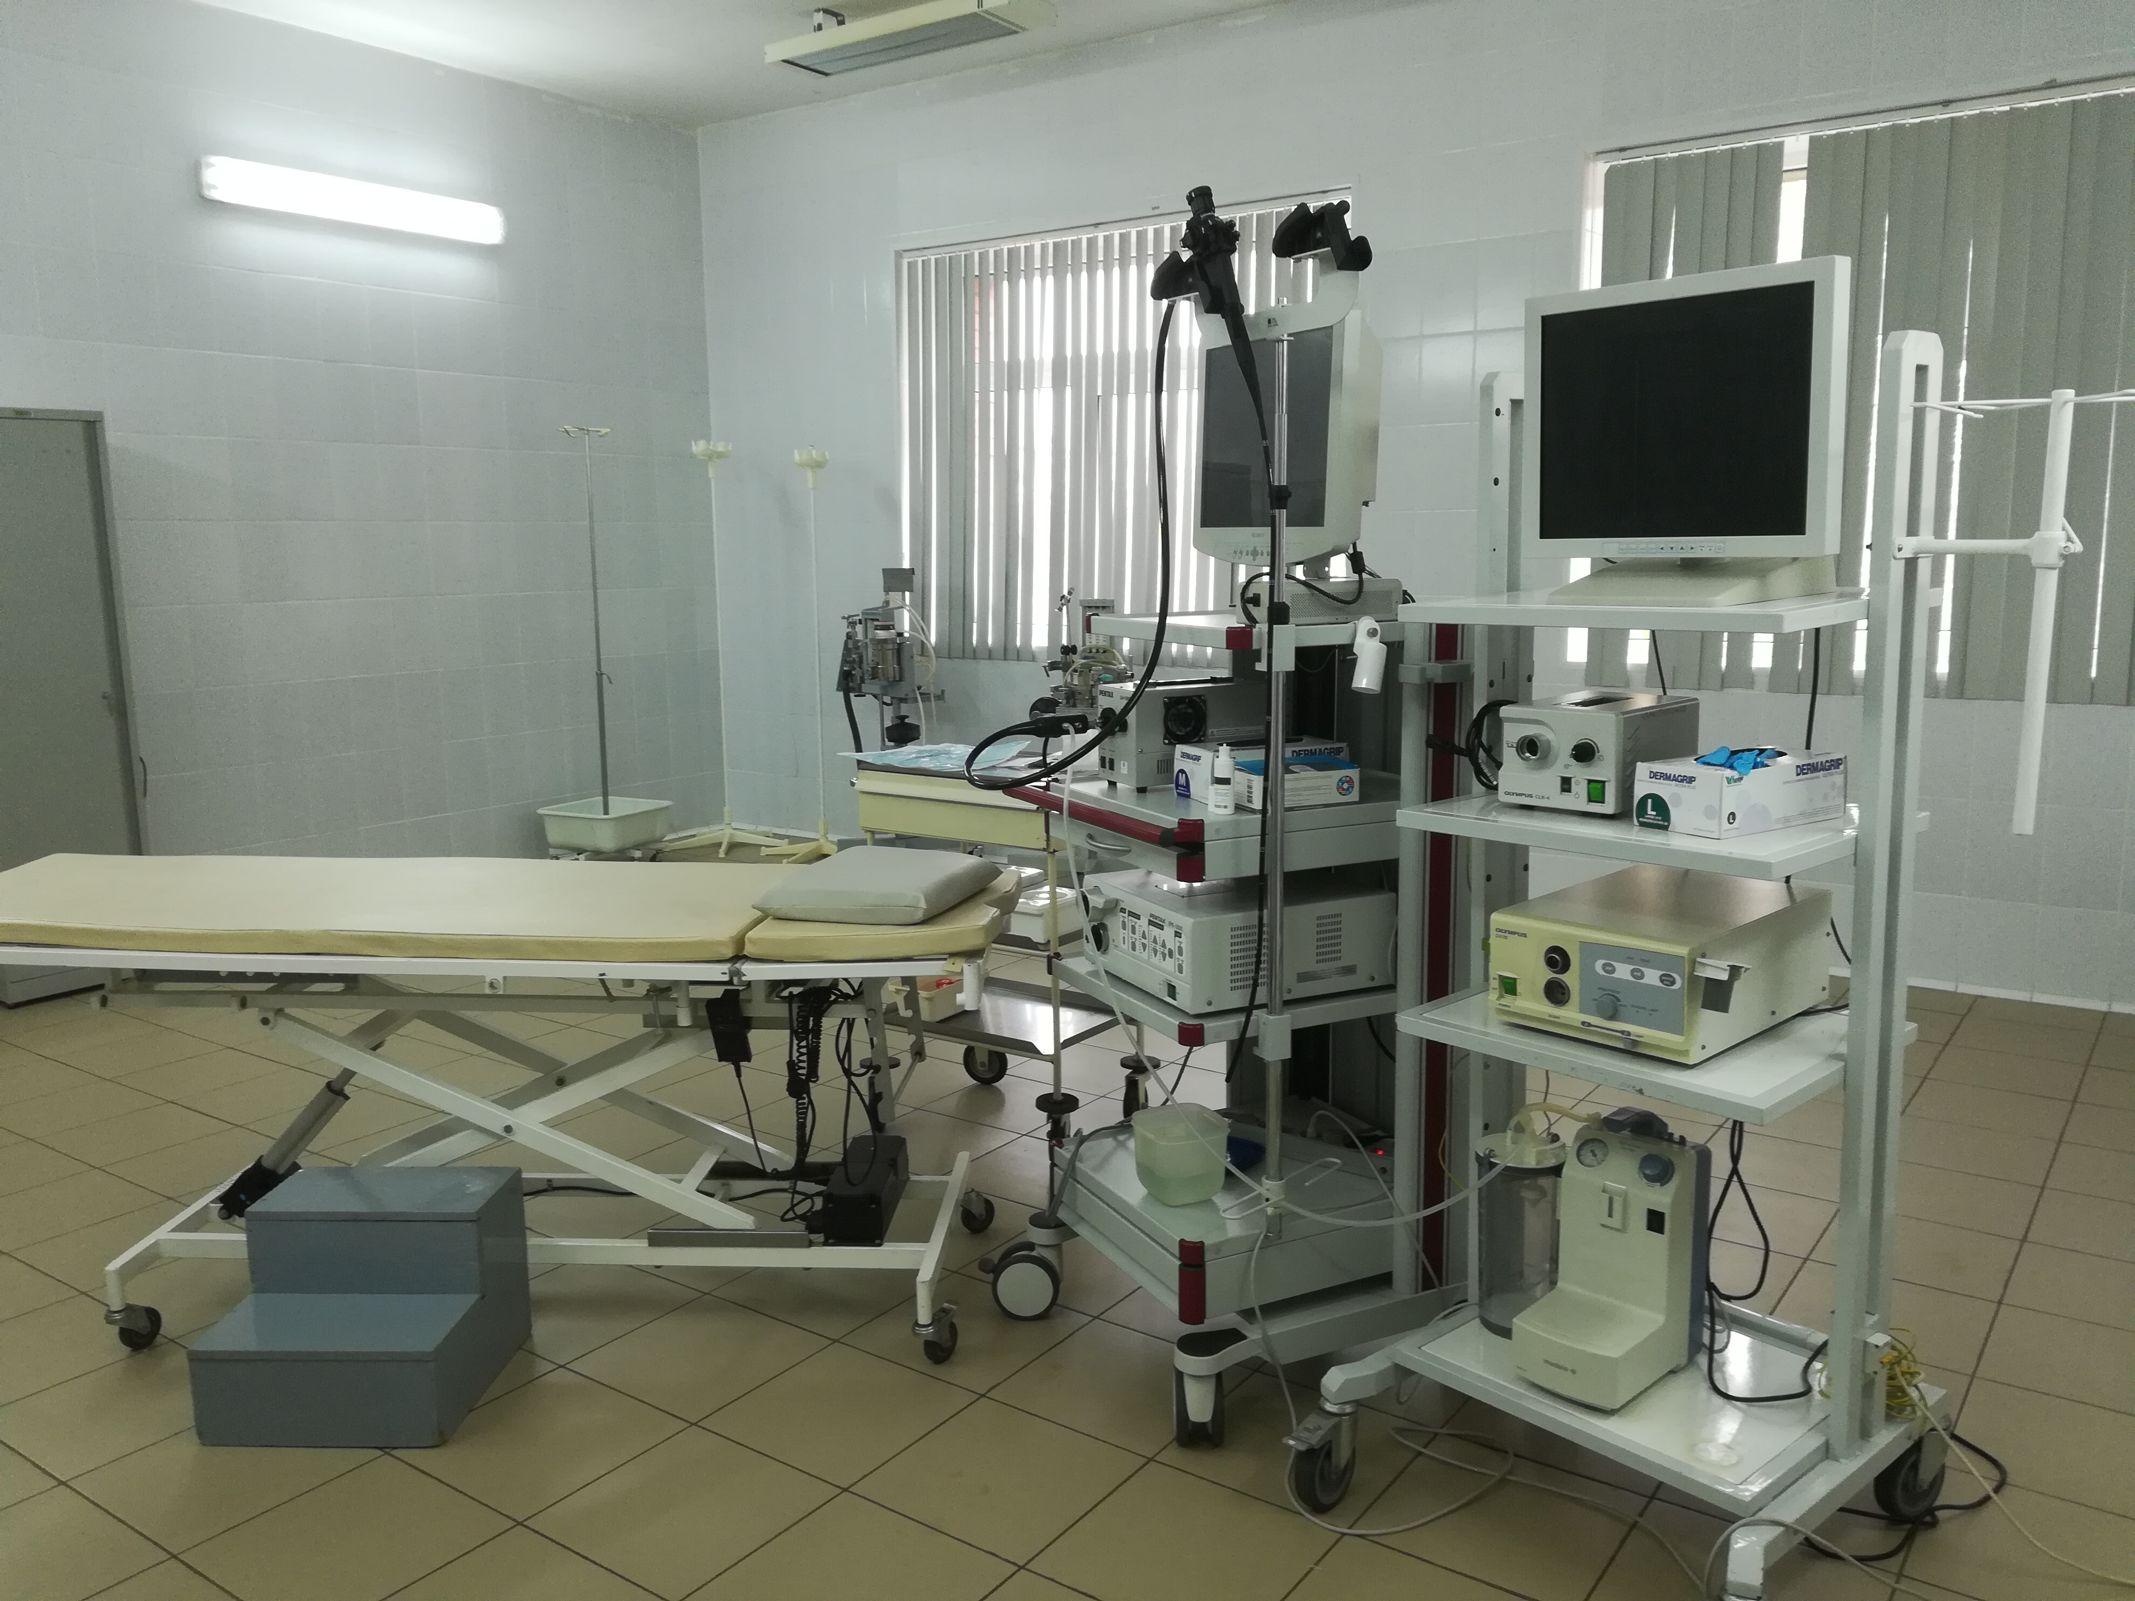 Фиброскоп для исследования желудочно-кишечного тракта у детей закуплен для Центральной больницы Ярославля